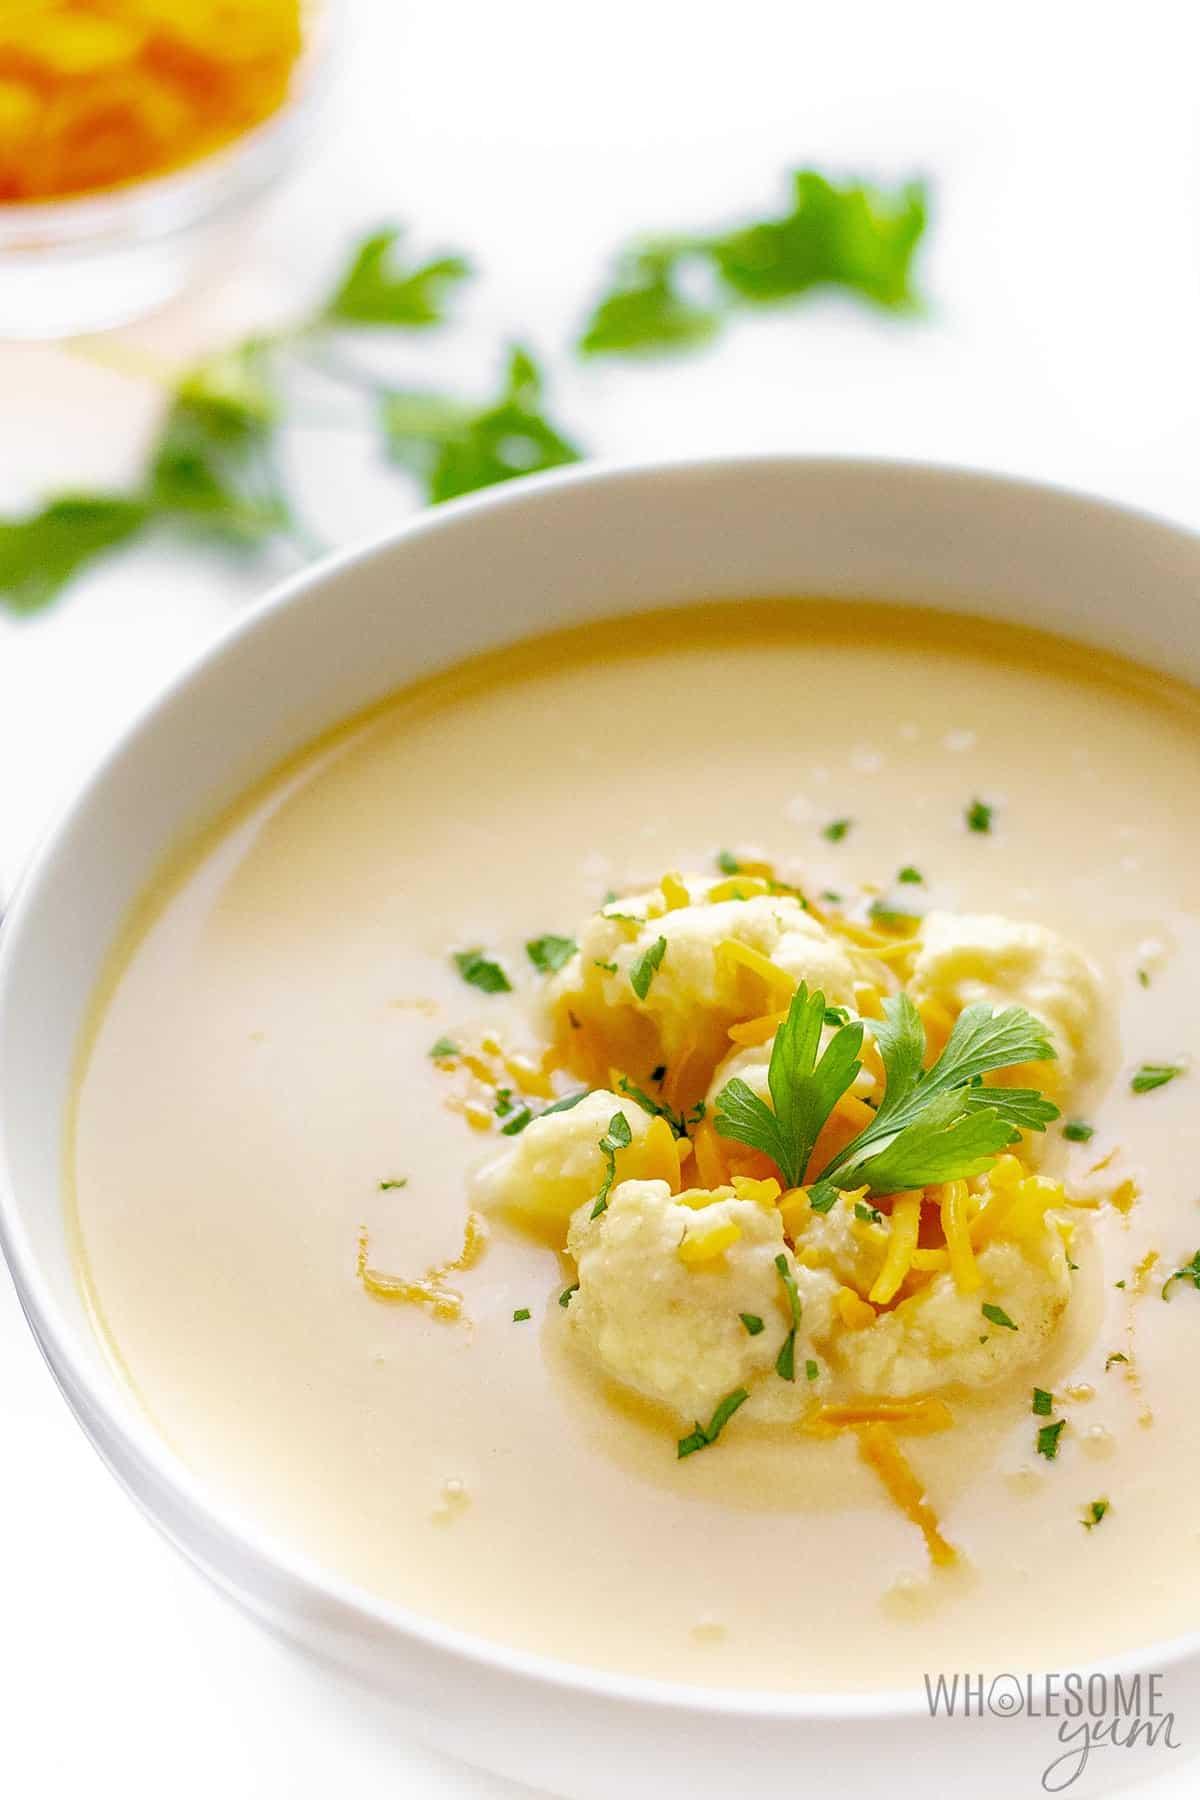 Bowl of cauliflower cheddar soup